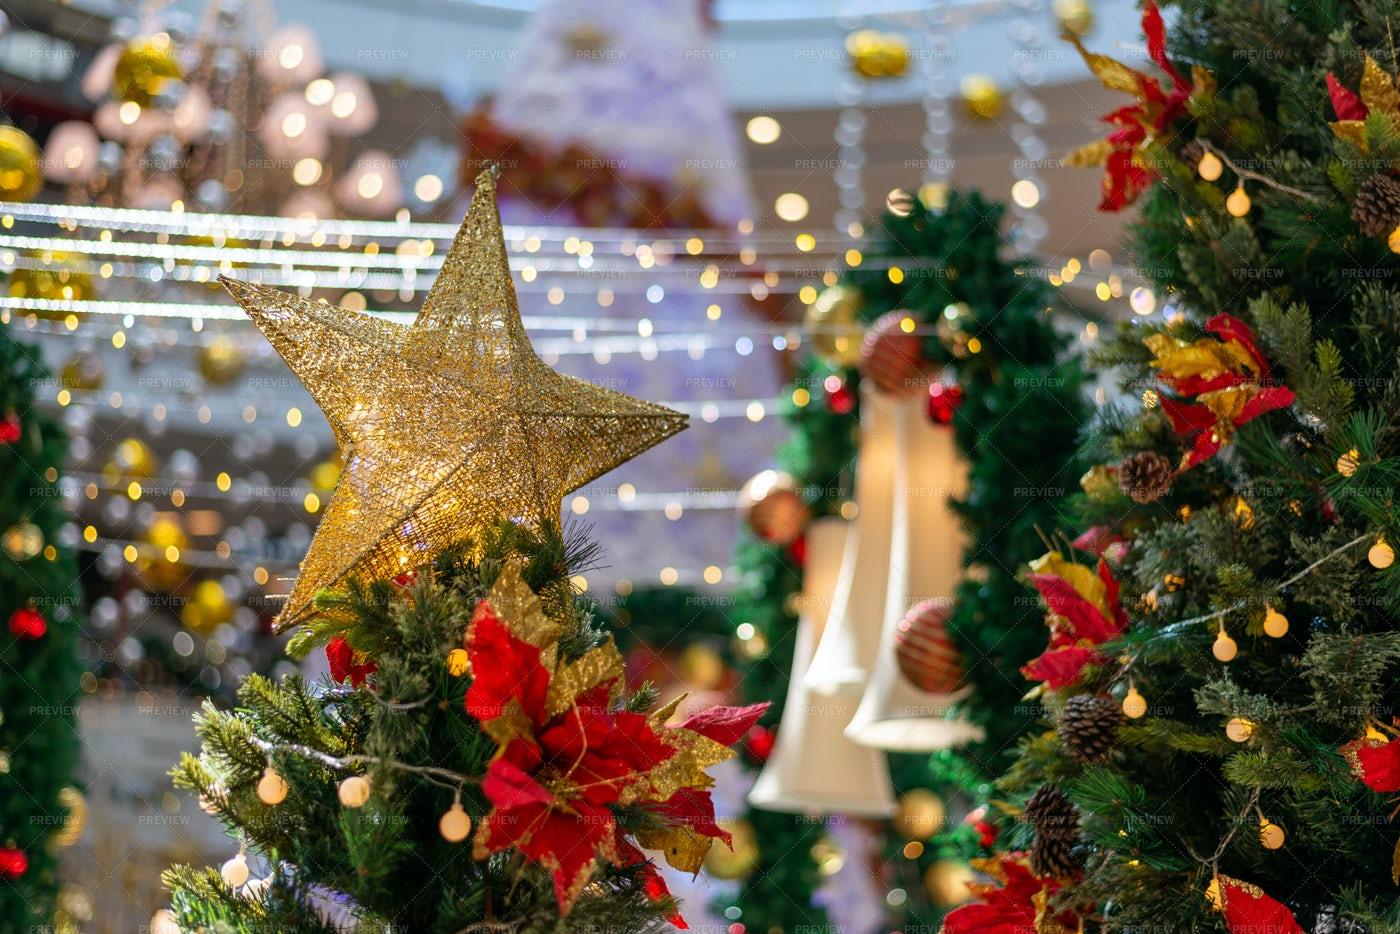 Shopping Mall Christmas Display: Stock Photos